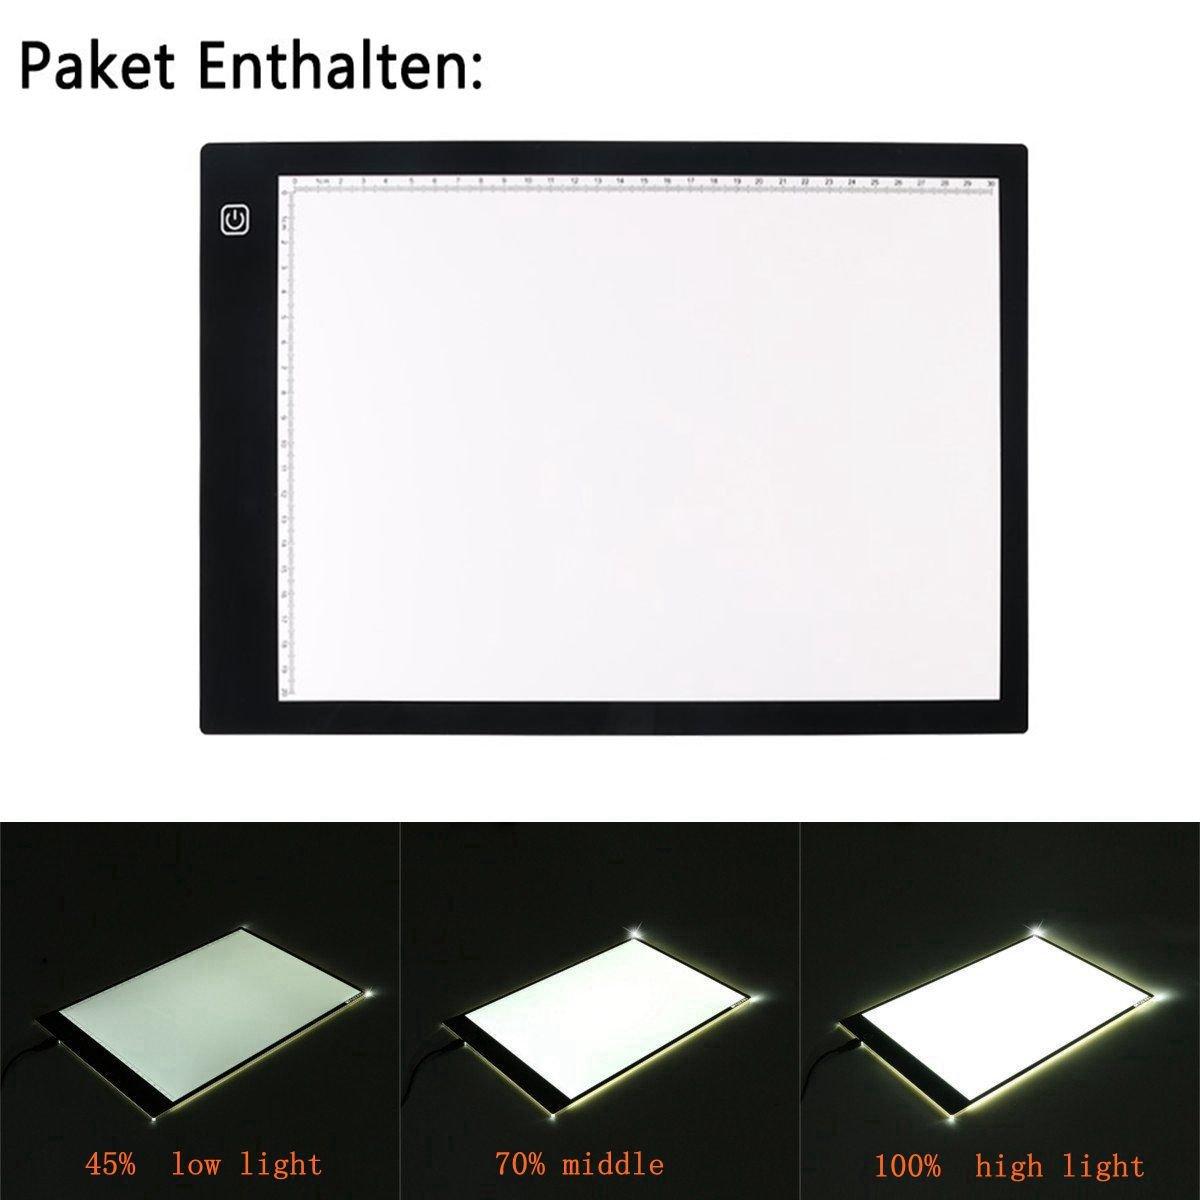 A3 Super ligero de luz de seguimiento Caja con 3 niveles de brillo ajustable Lightbox for Clothing dise/ño de dibujo Tablero de dibujo LED A3 aplicaci/ón de animaci/ón arquitectura